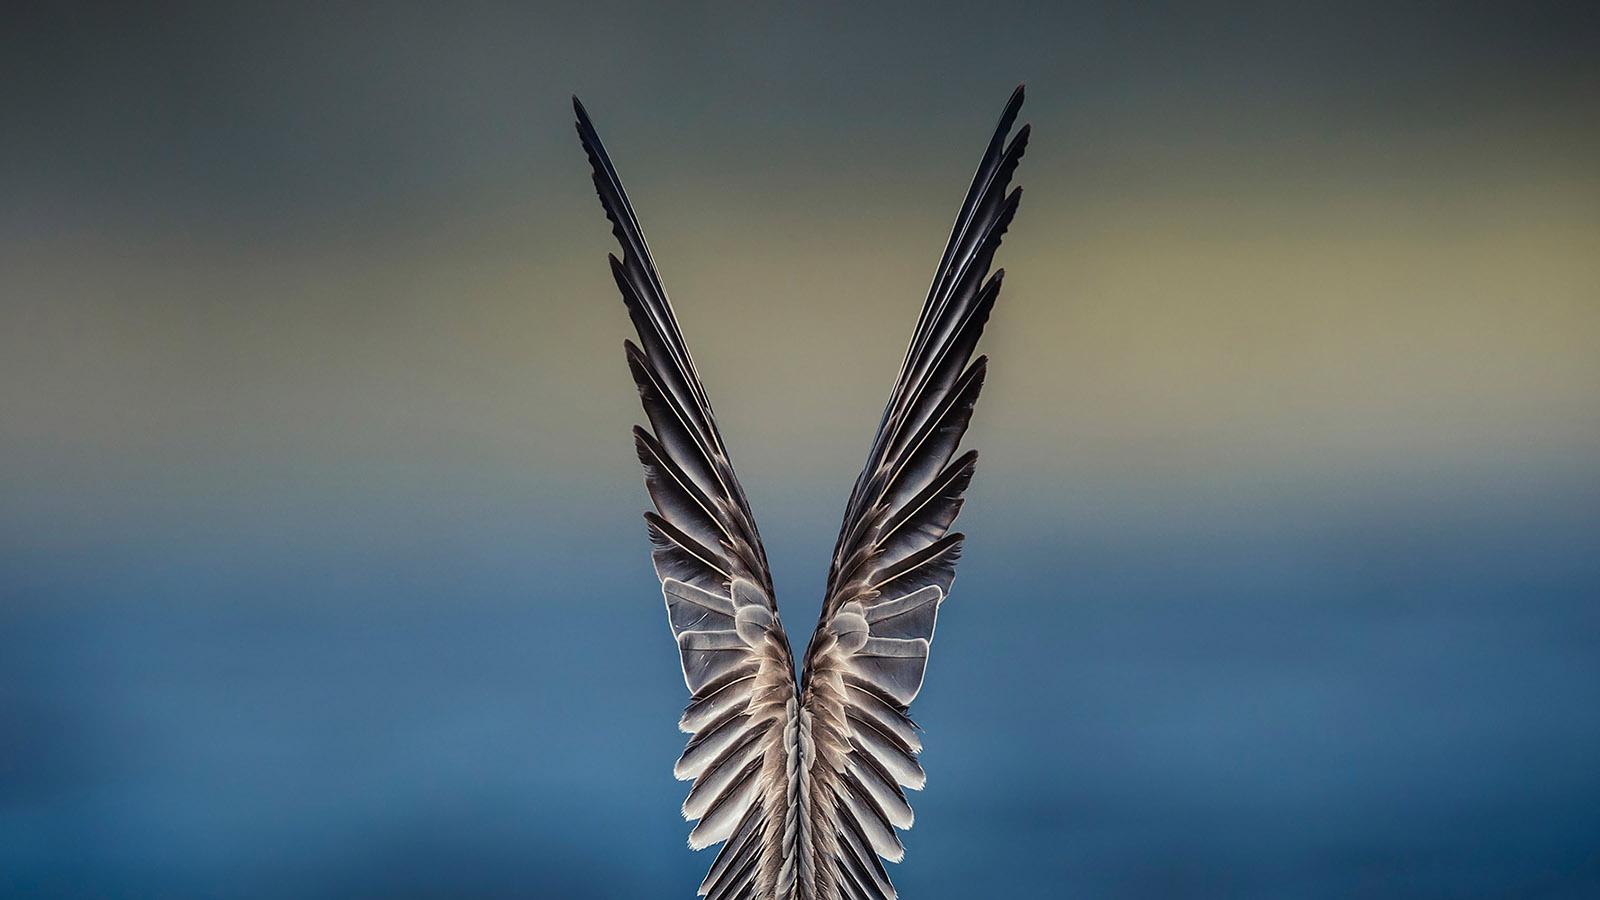 DStowe_9_Feathered Symmetry.jpg